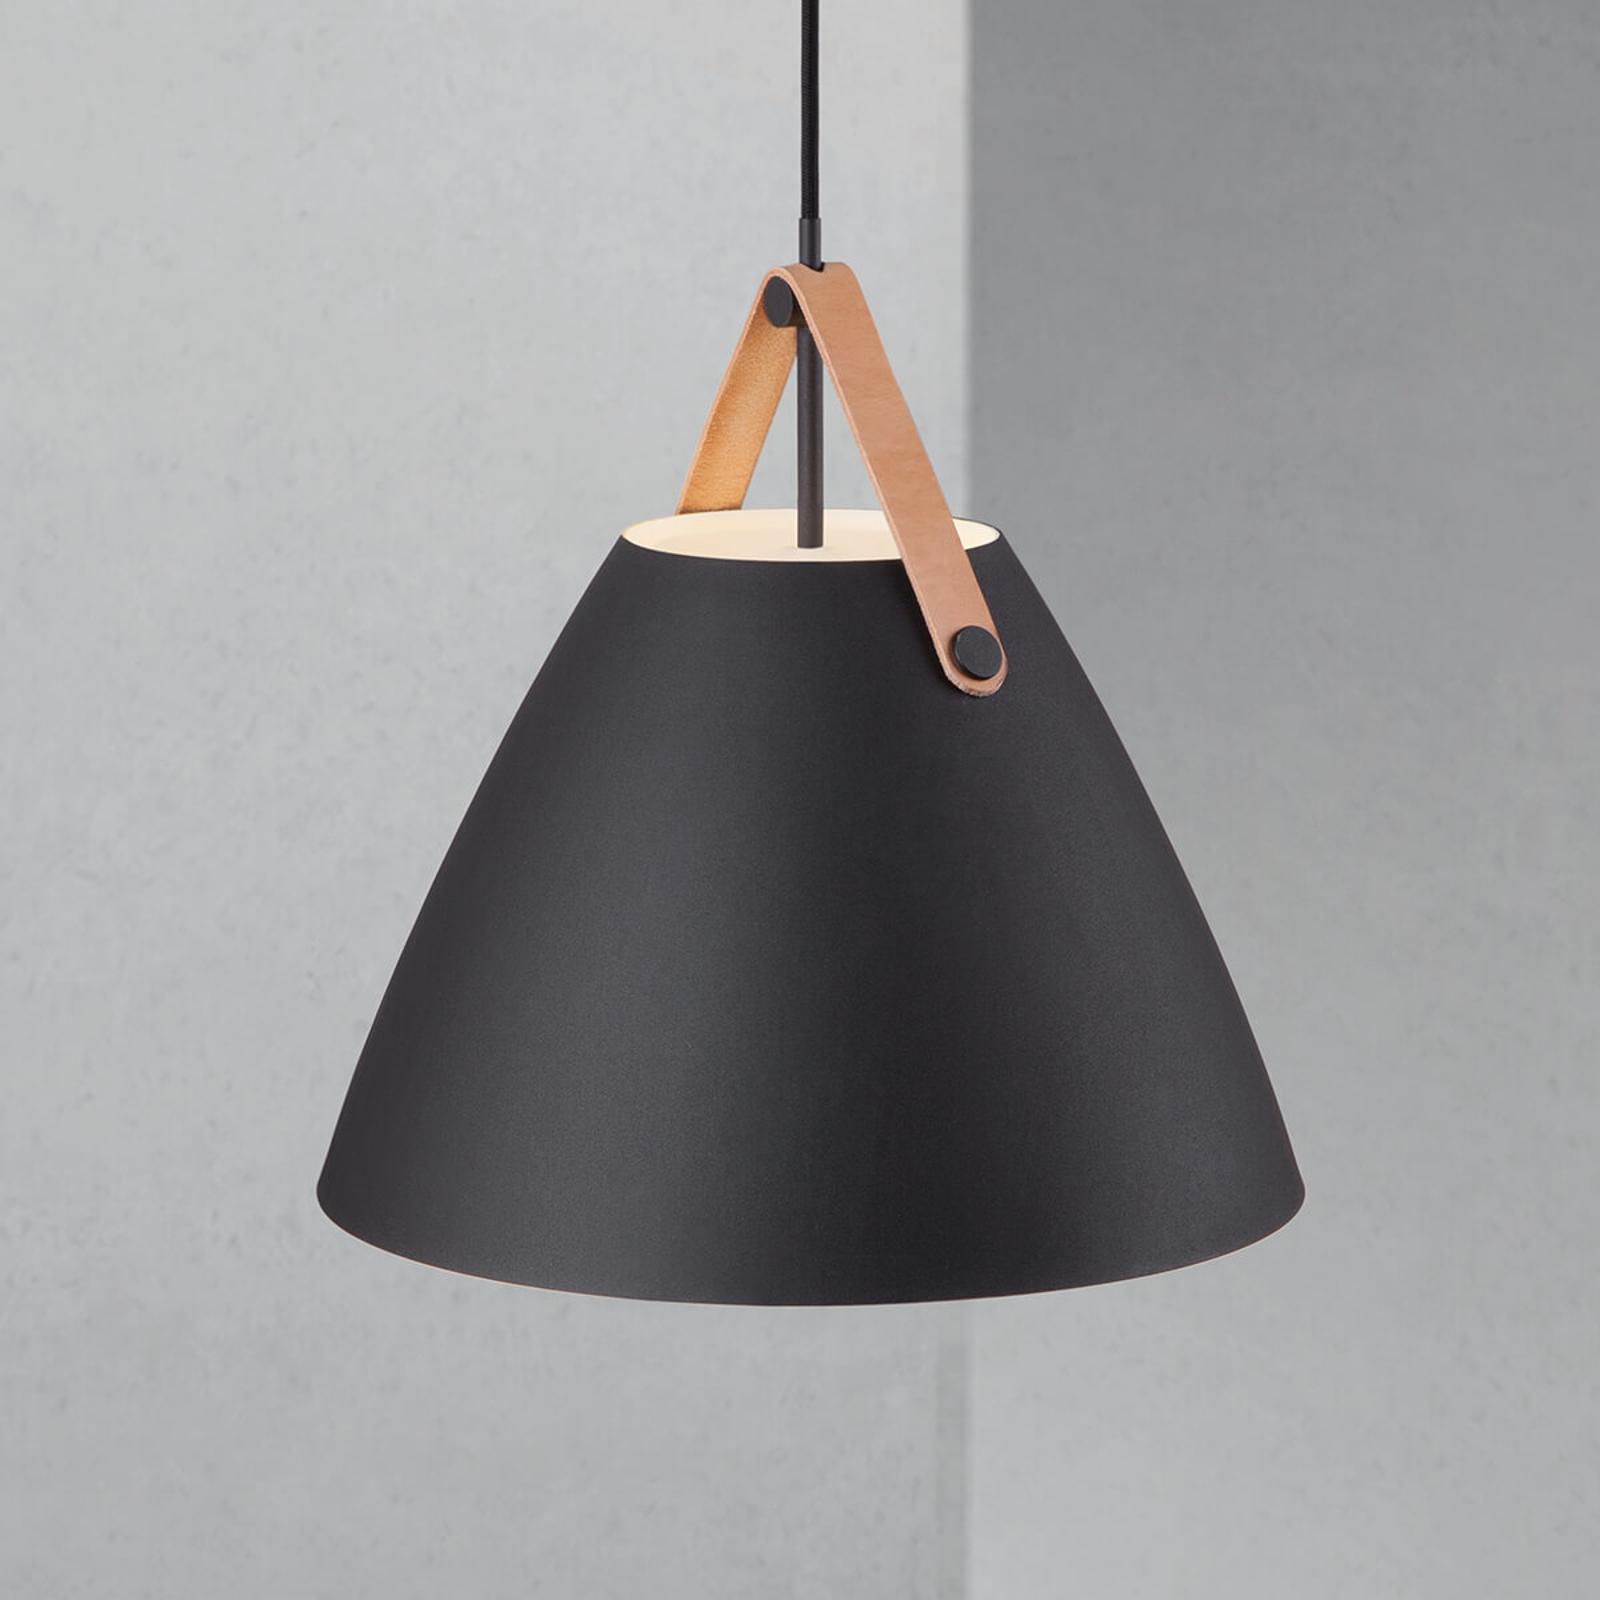 Lampada LED a sospensione Strap, decoro in pelle